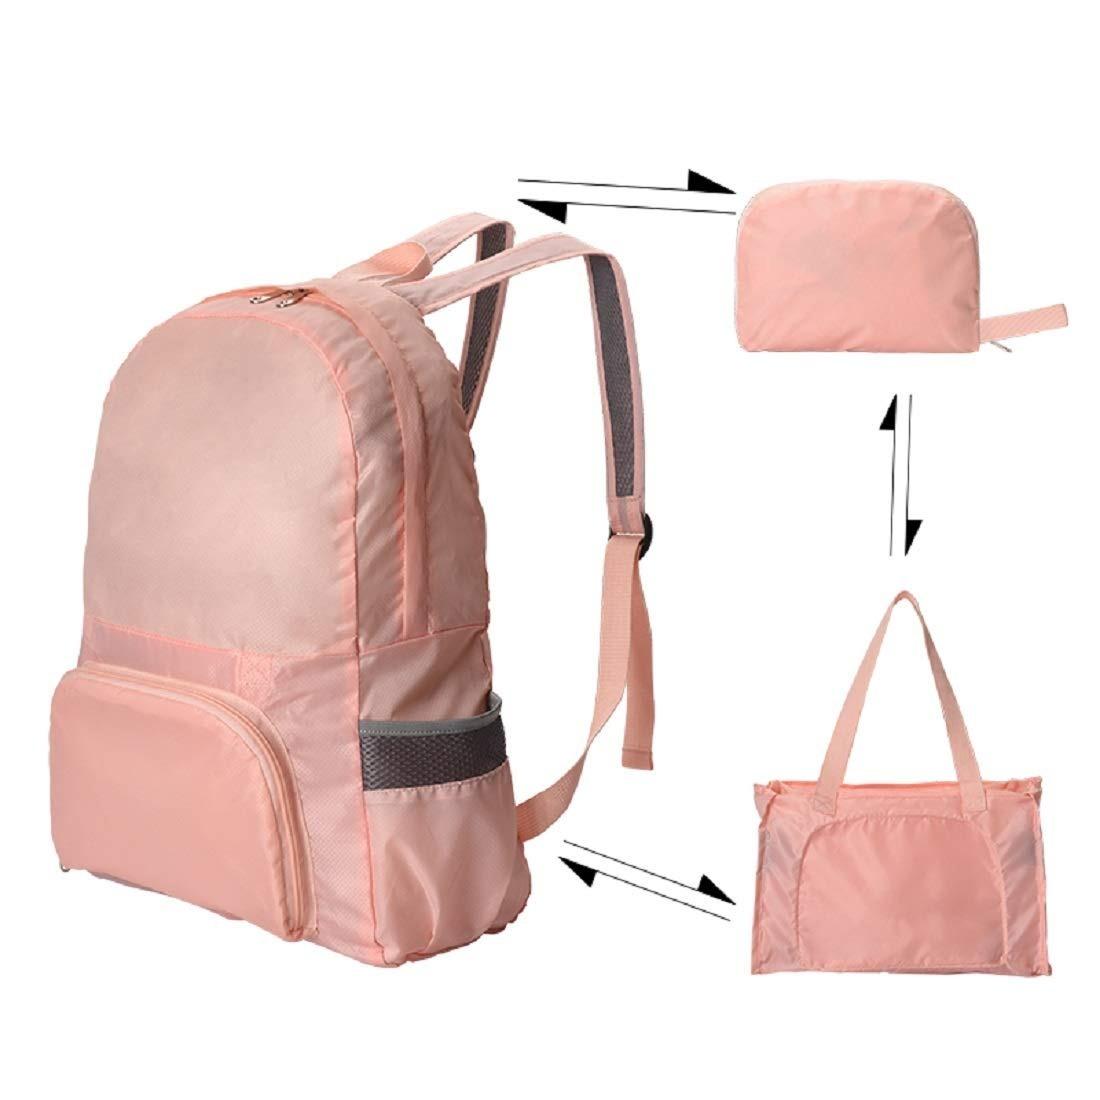 zoom Cargando flexible mochila en bolso reversible convertible cartera 1 3  ZZgfzq.    679ca989205